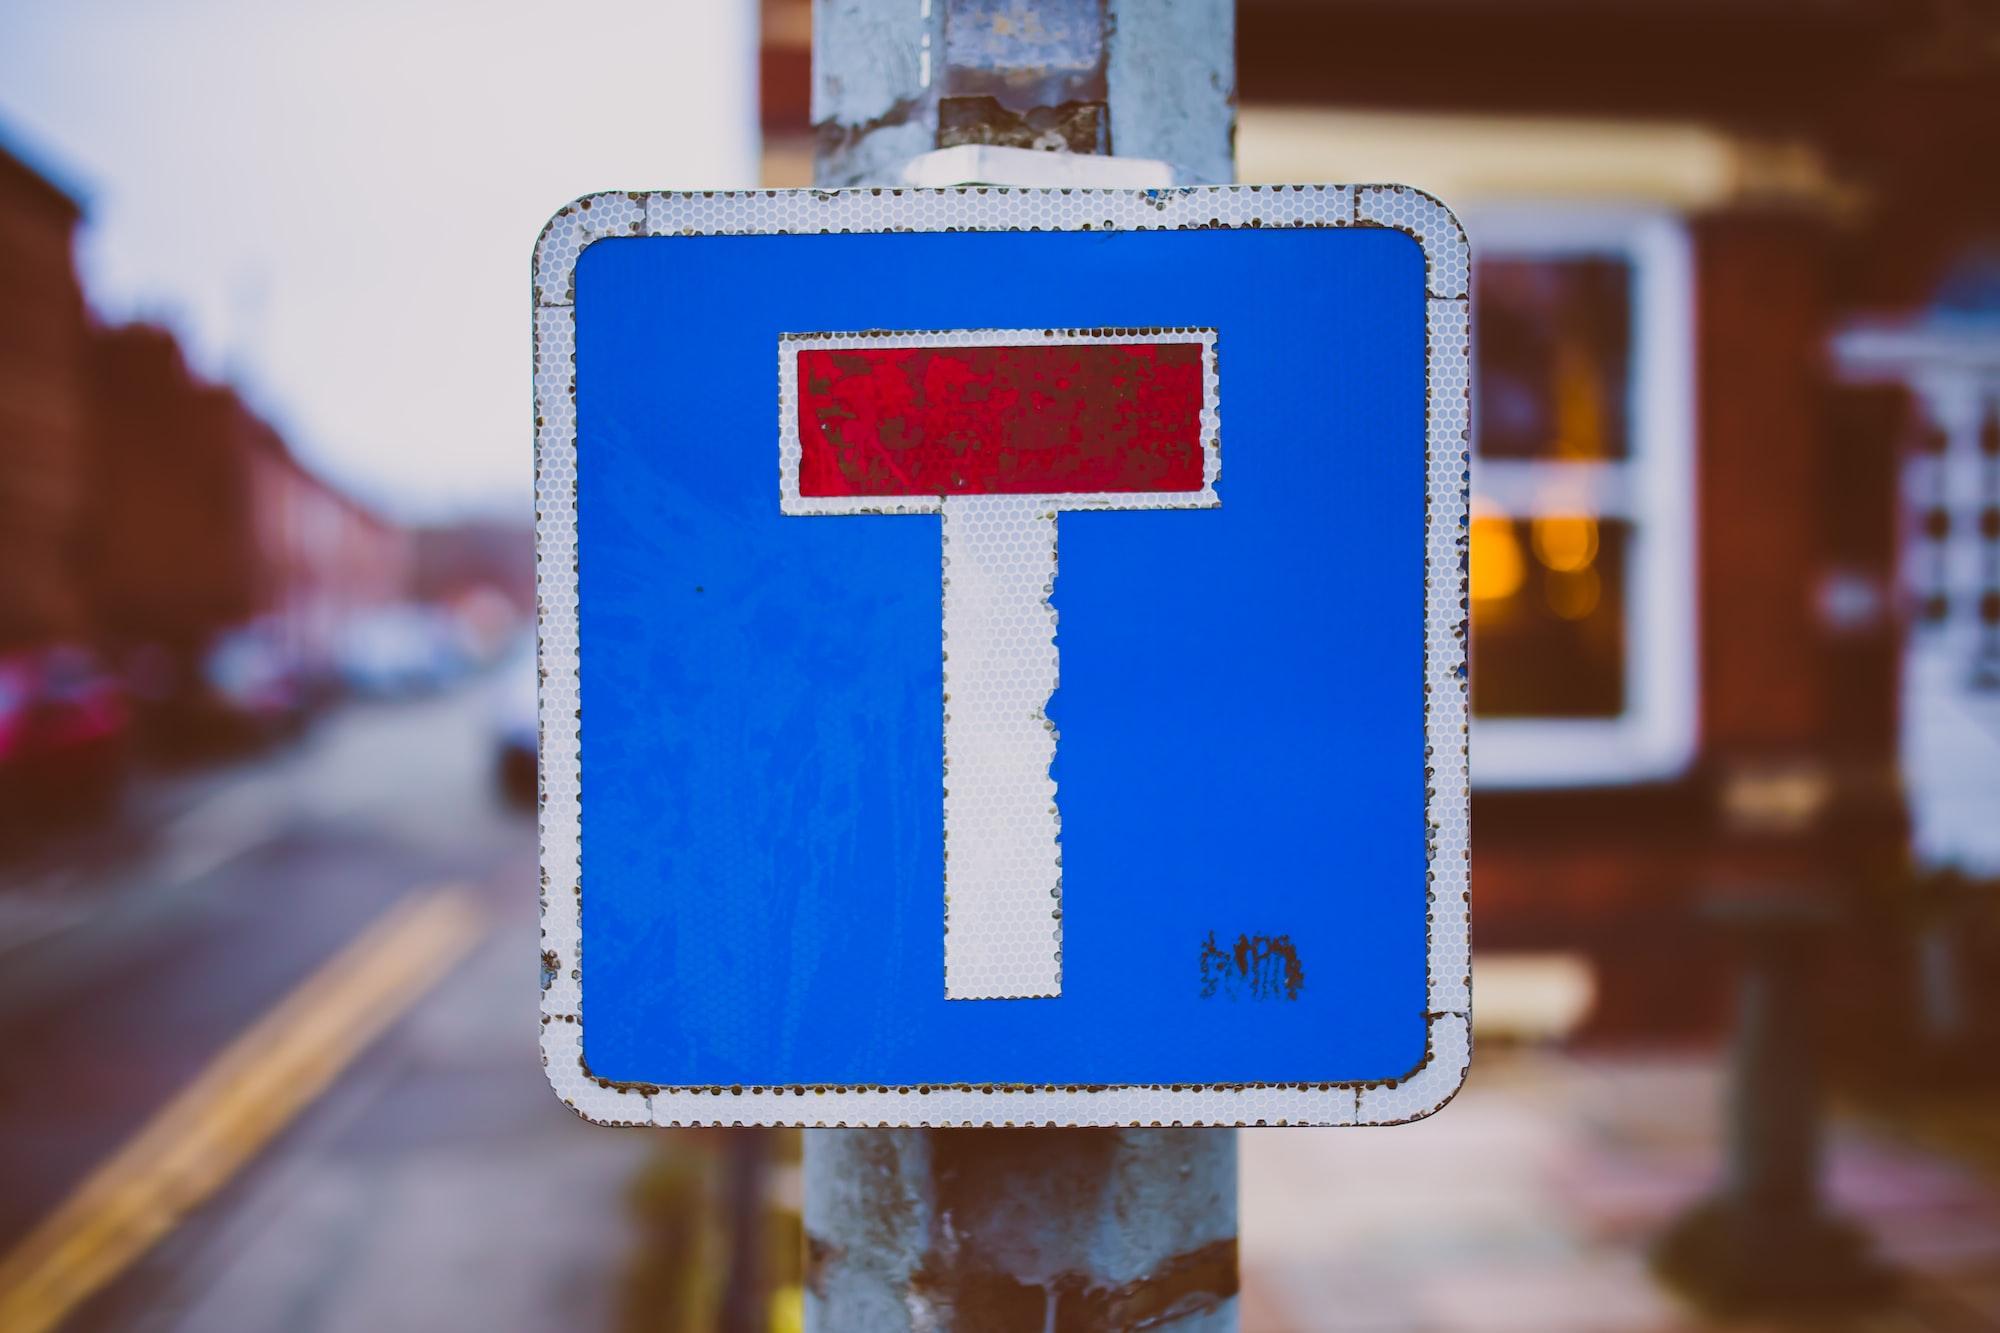 Le panneau d'indication d'impasse : le reconnaître pour agir en conséquence